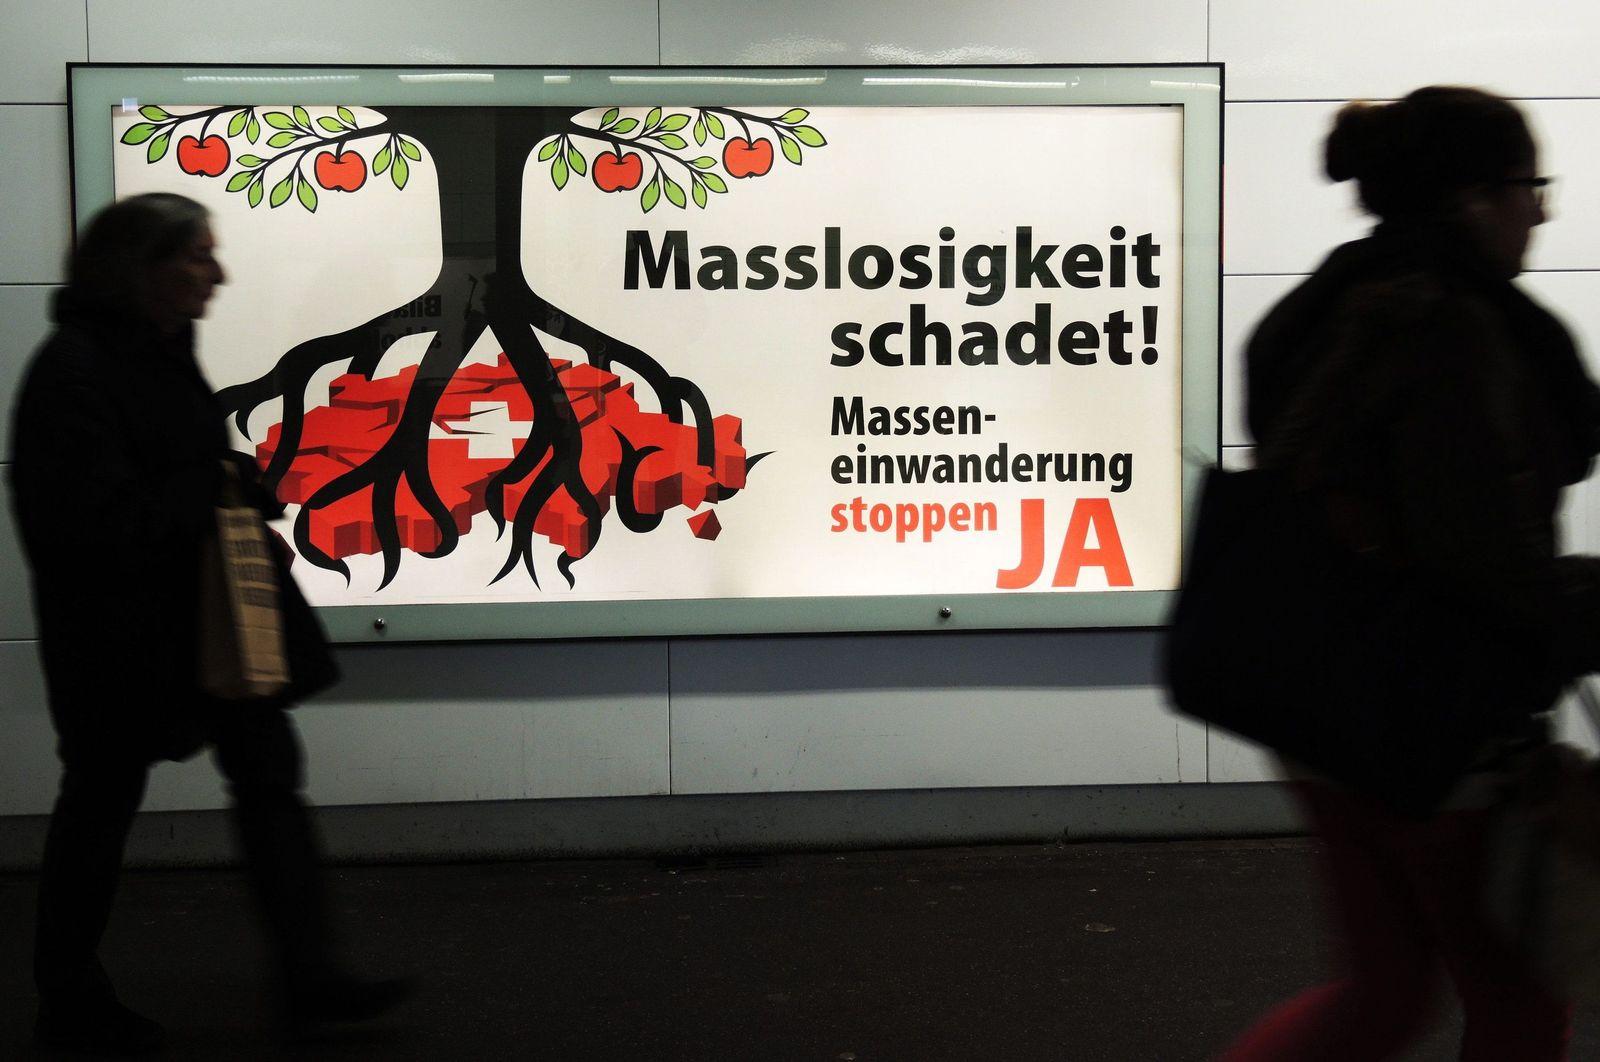 Schweiz / Abstimmung Masseneinwanderung